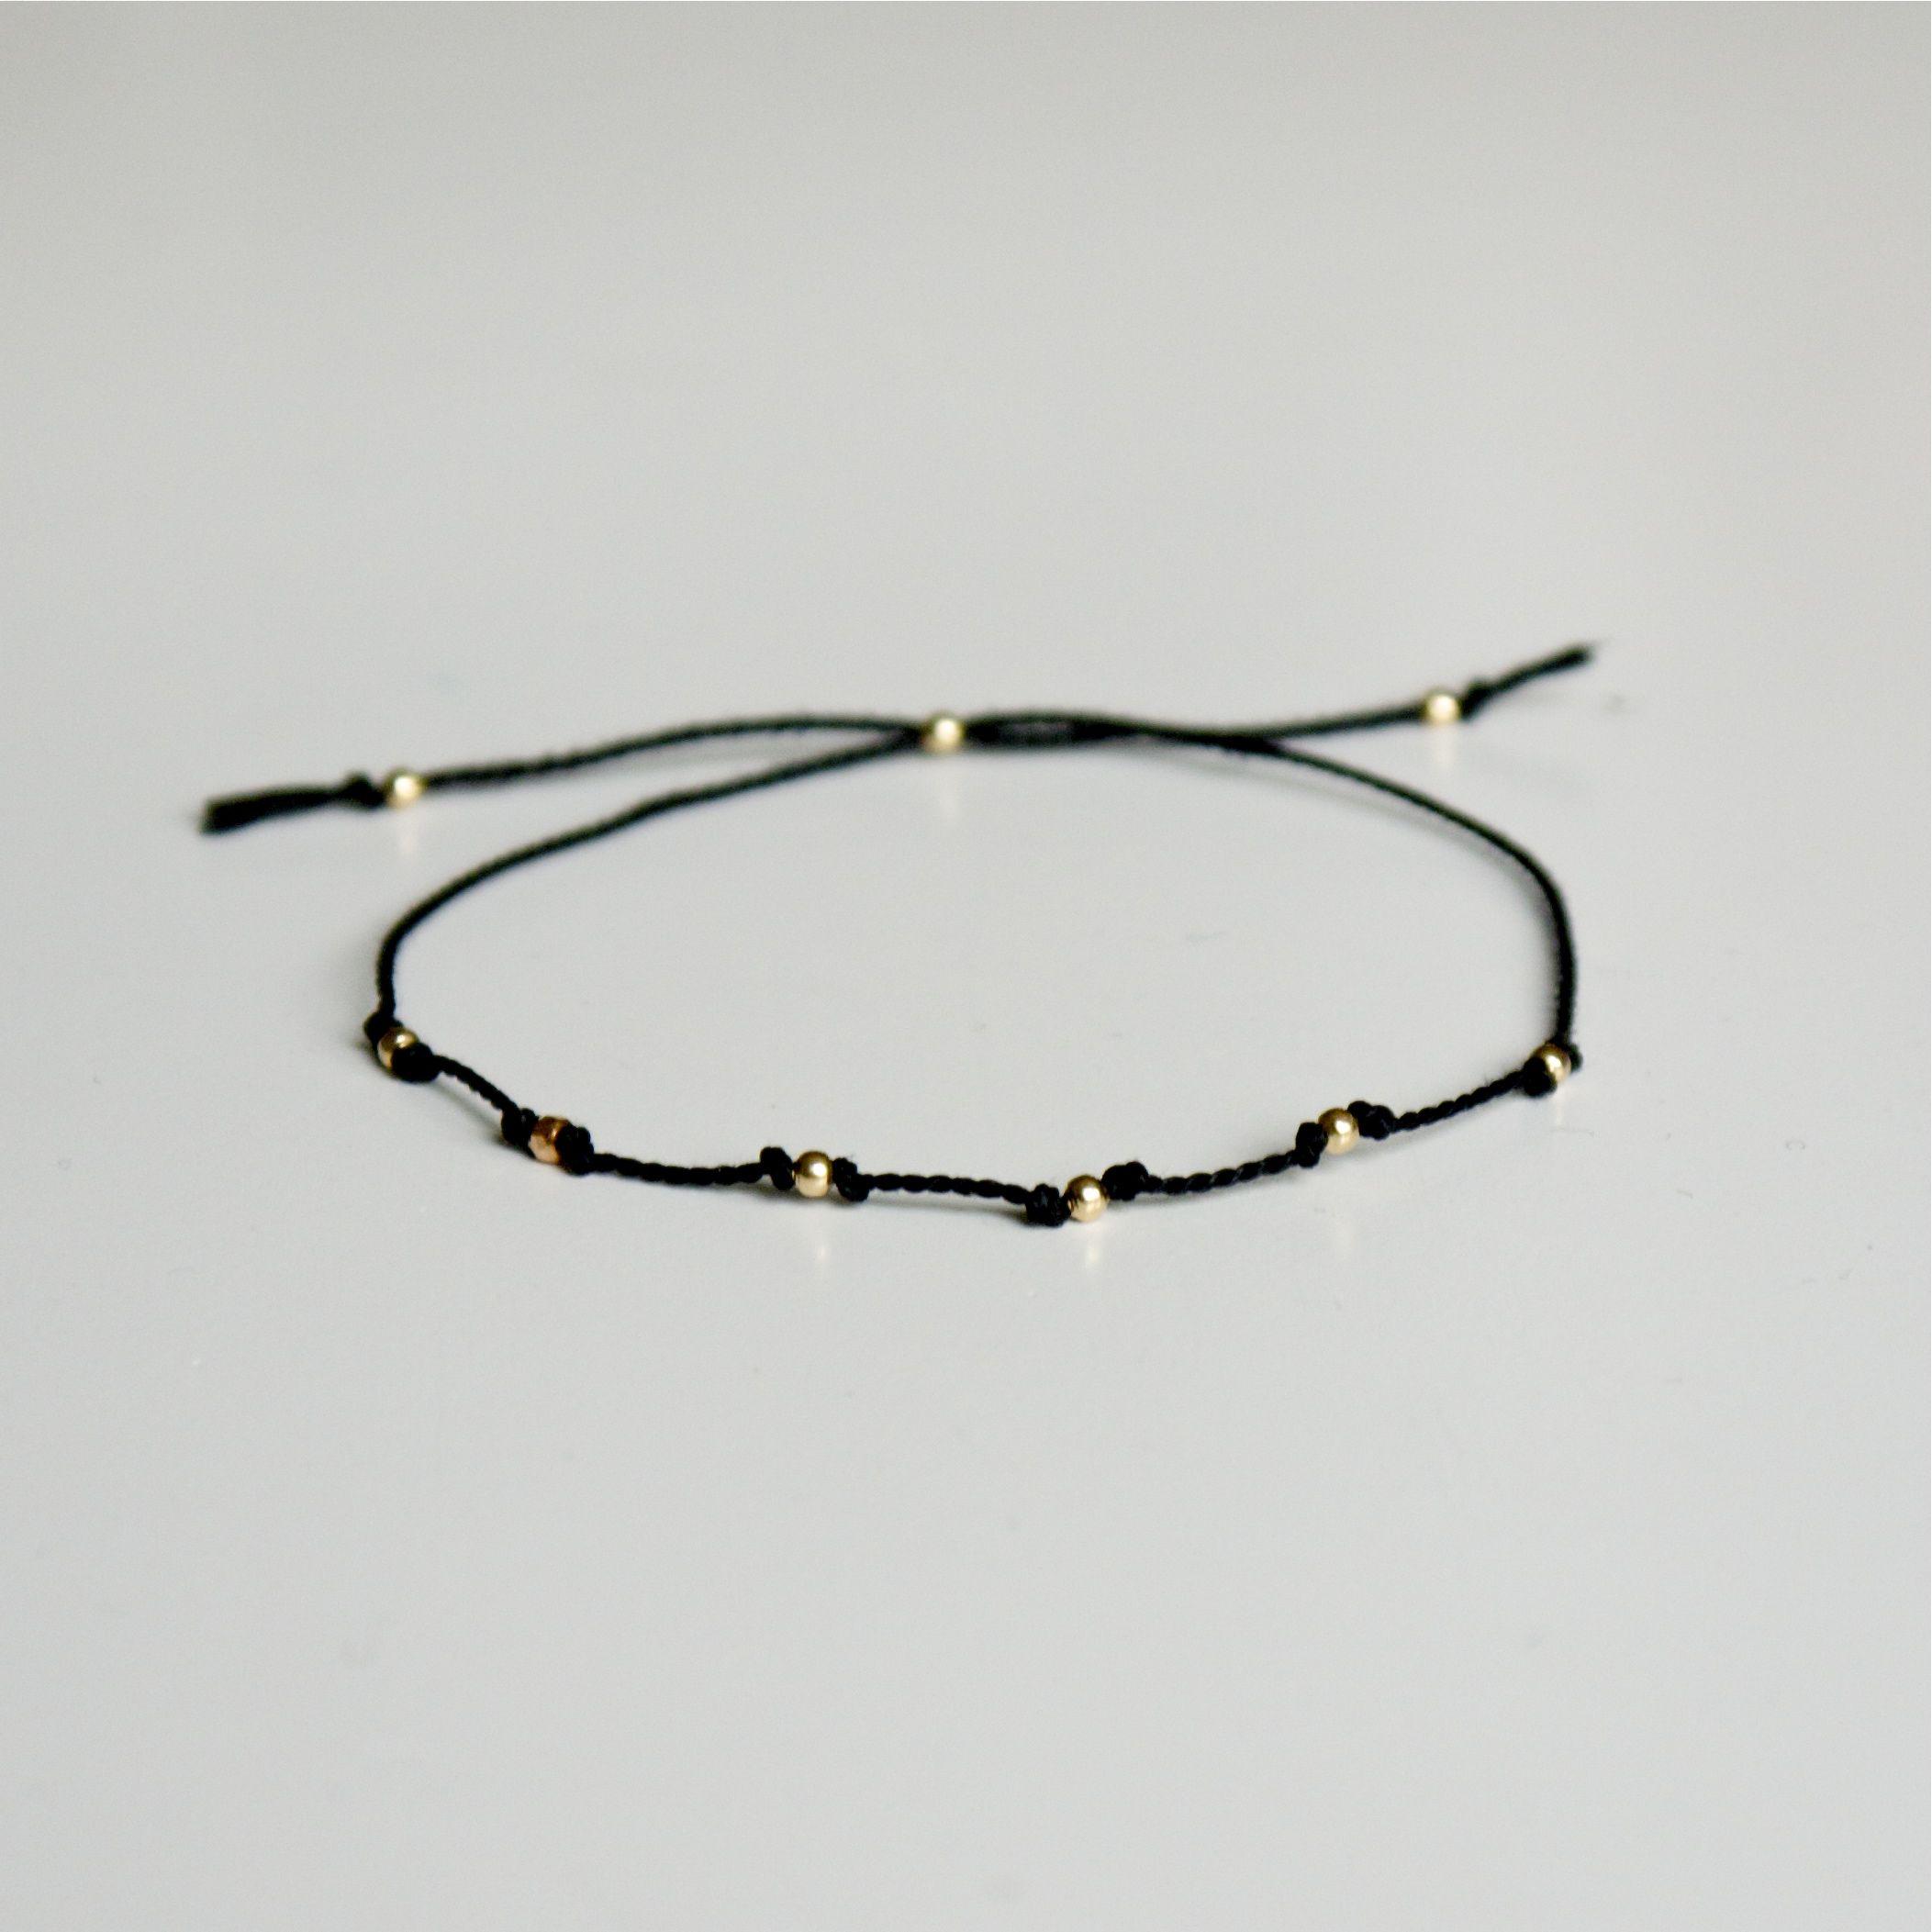 silke armbånd smykke med guld perler